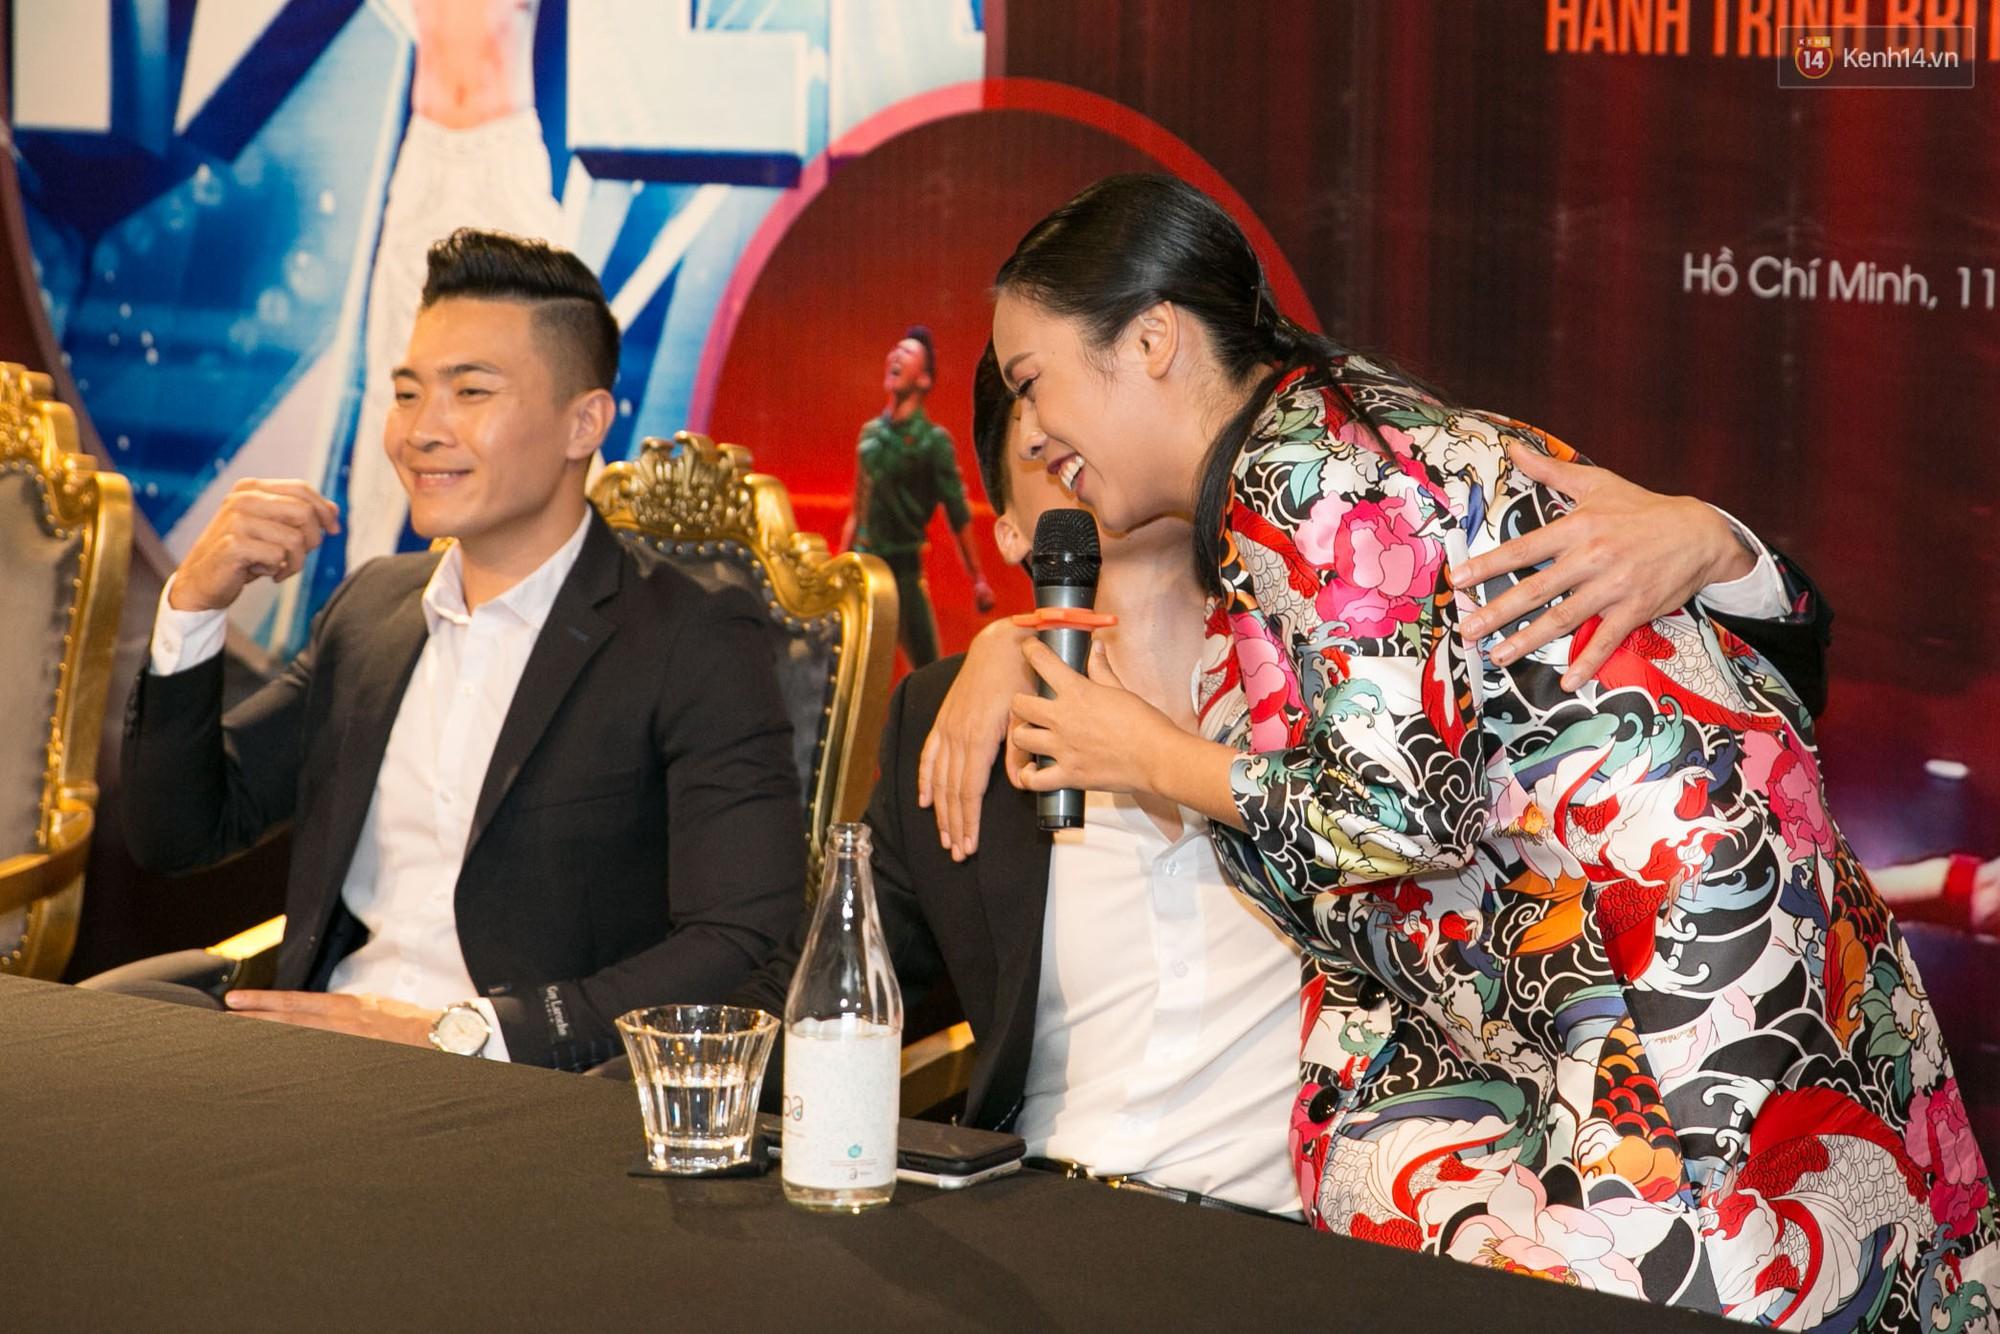 Anh em Quốc Cơ - Quốc Nghiệp phải huỷ show diễn tâm huyết tại Việt Nam vì lý do sức khoẻ - Ảnh 2.